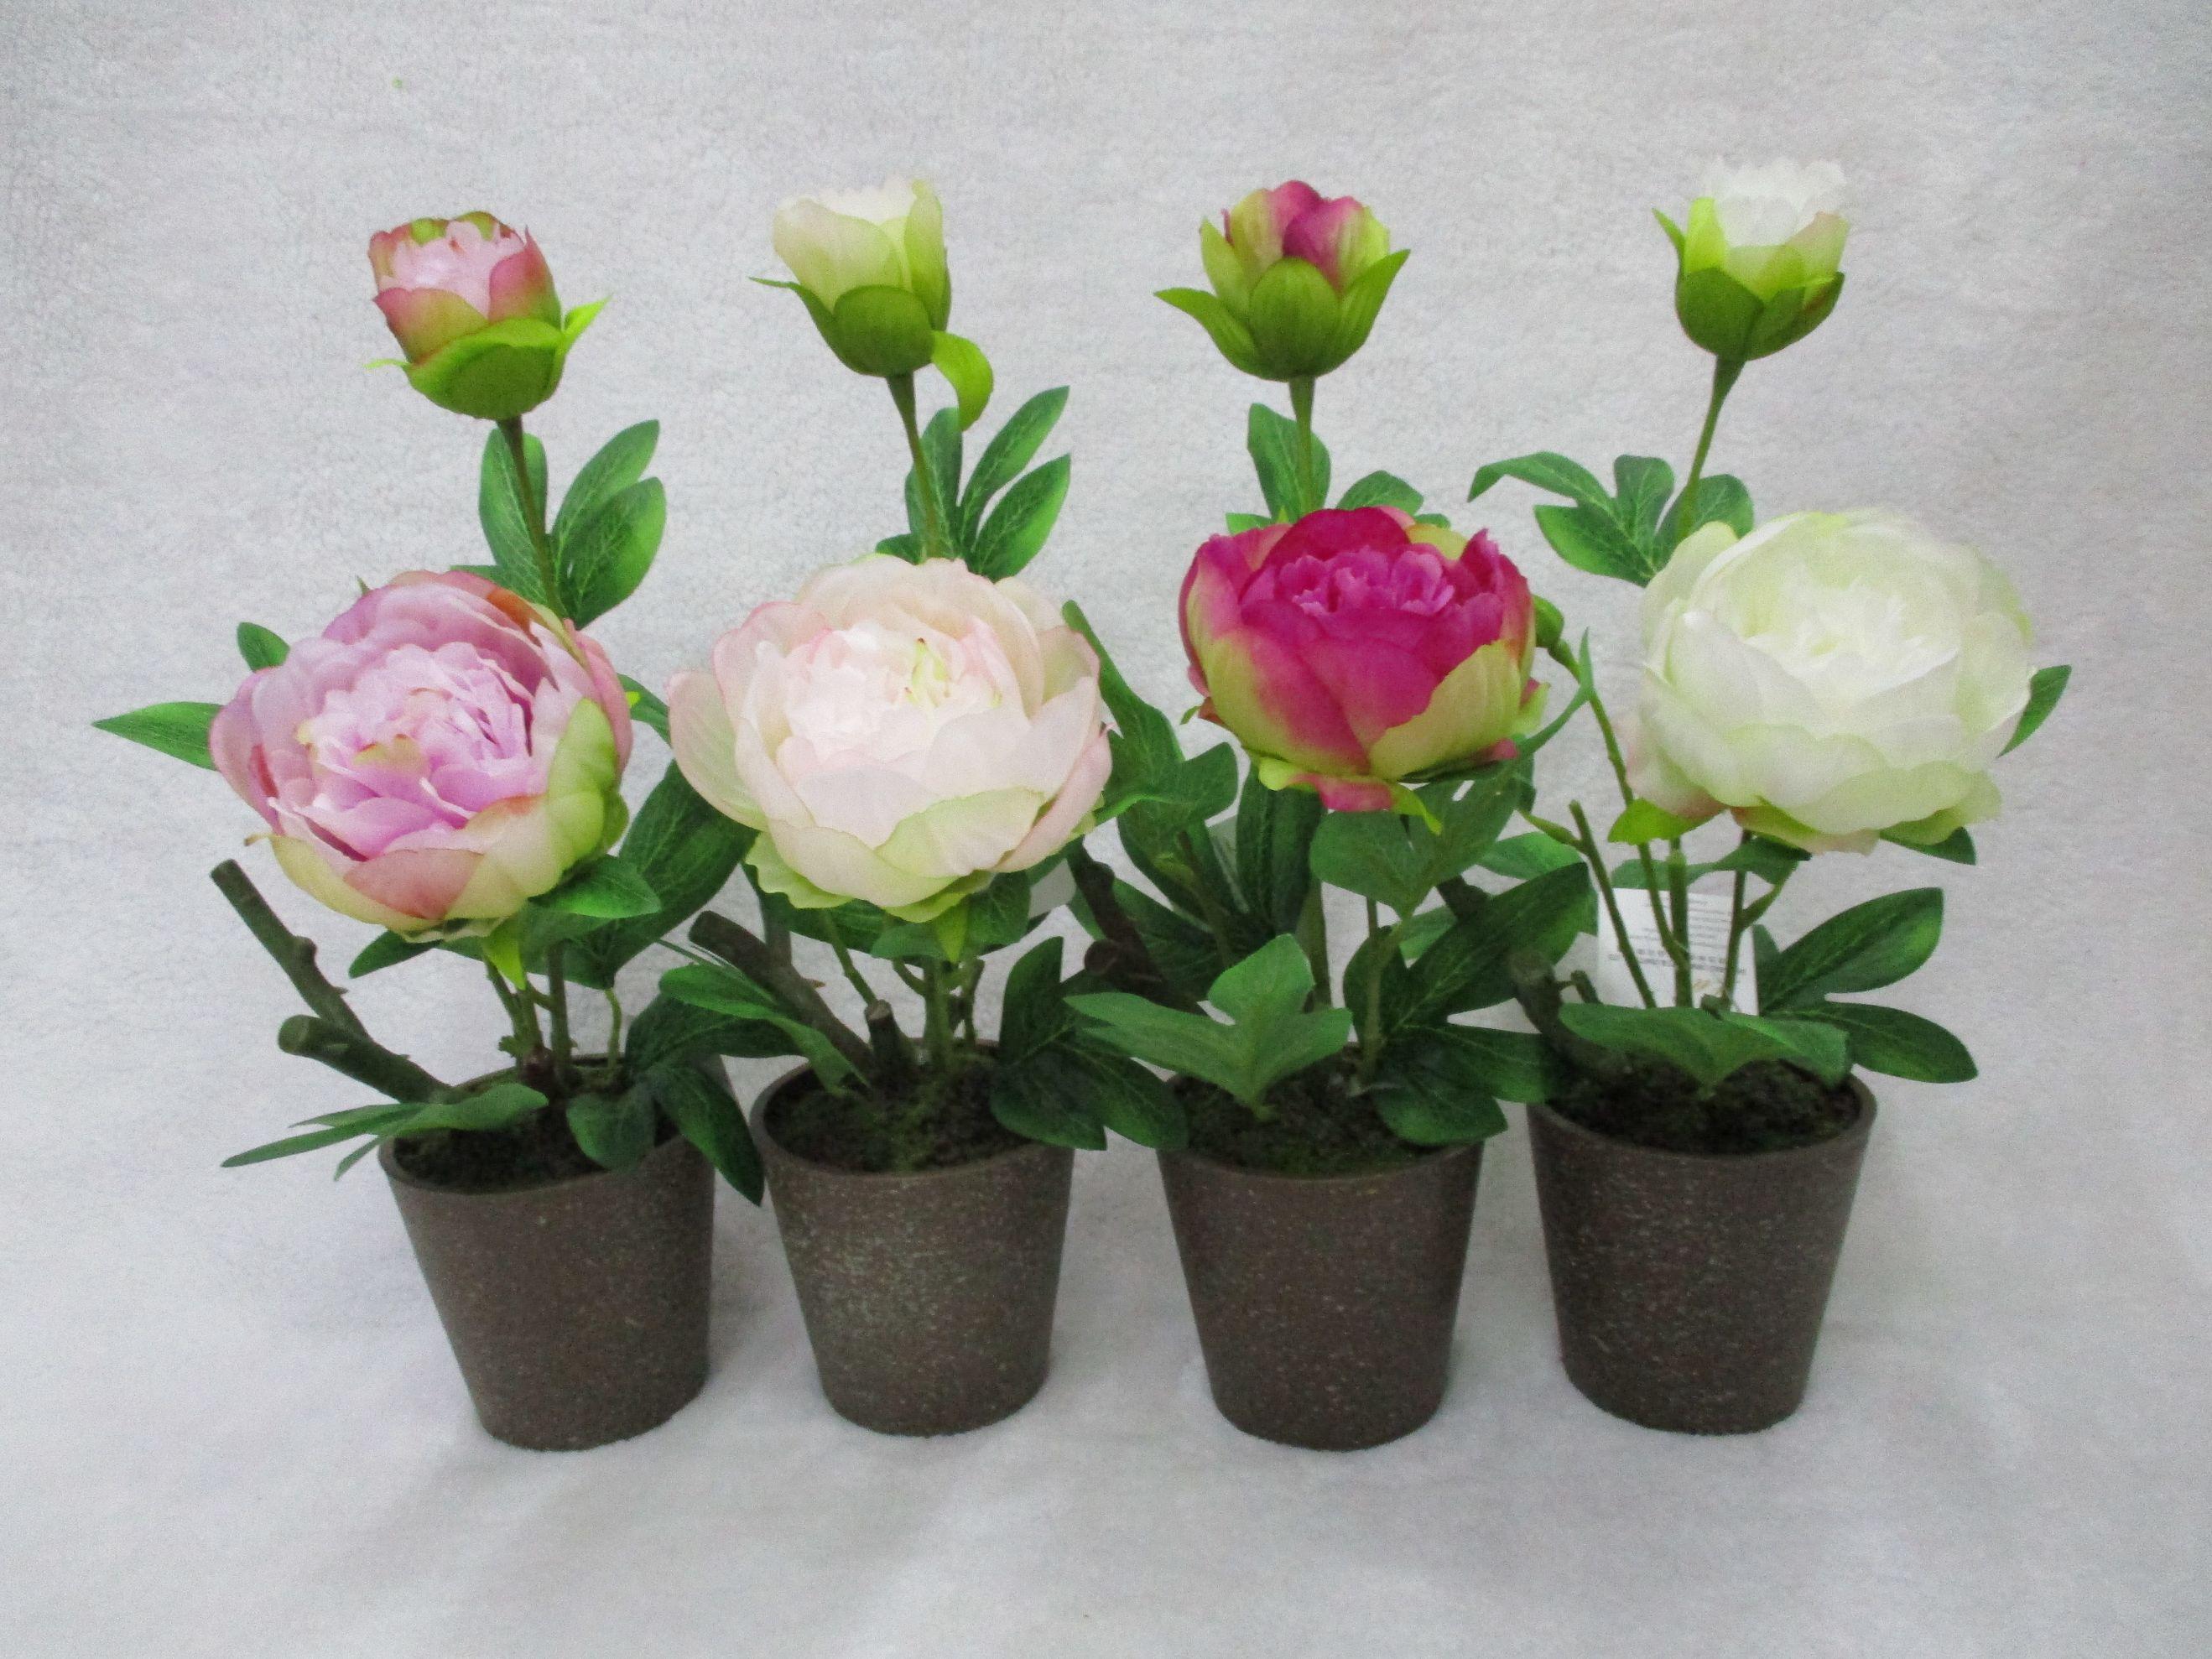 人造植物盆景S18036